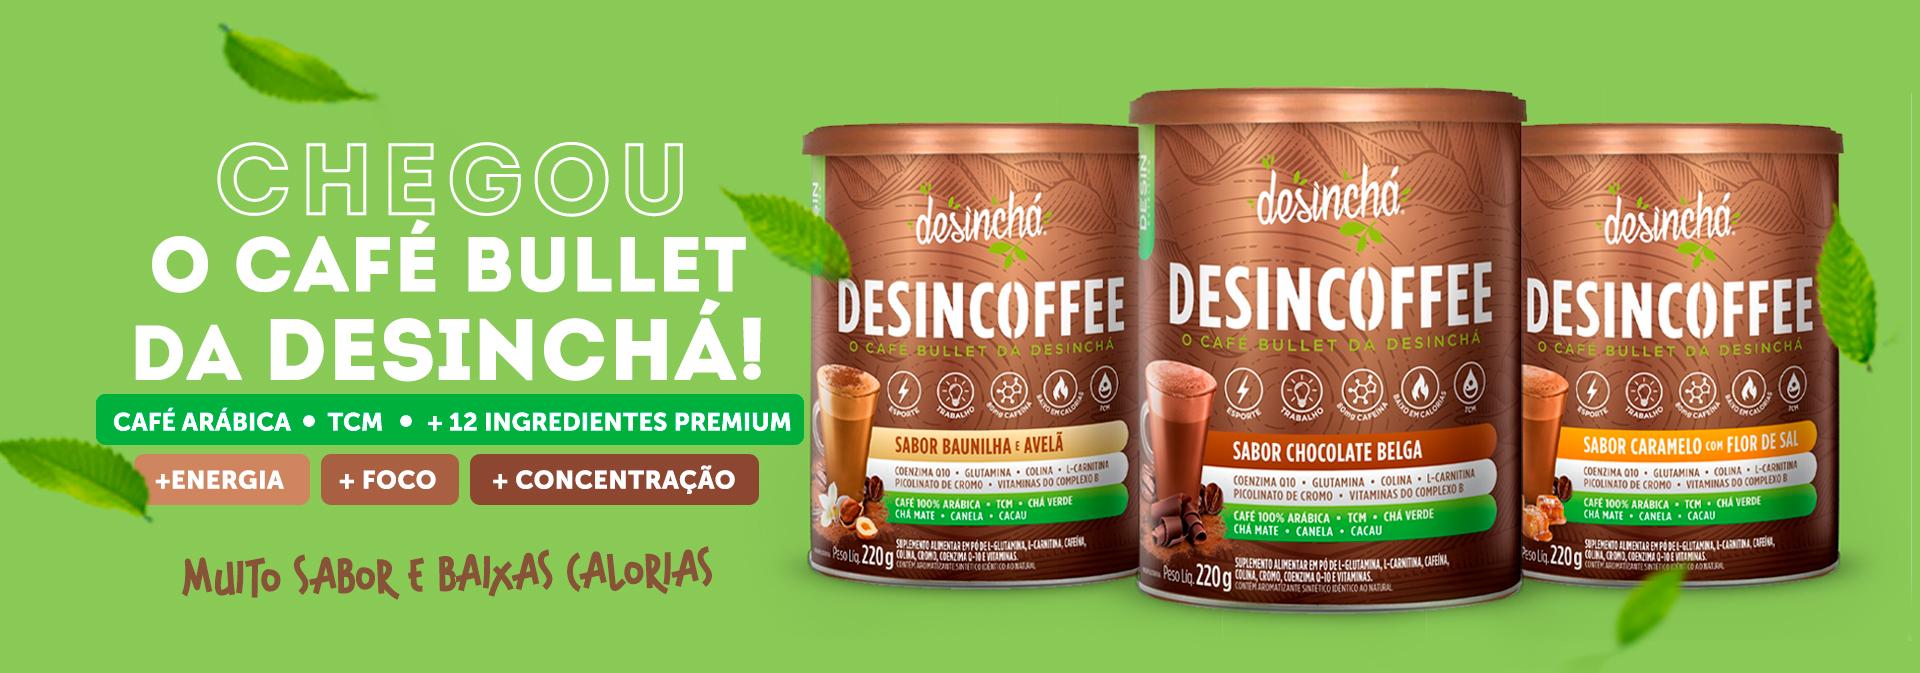 bannière-home-desincoffee